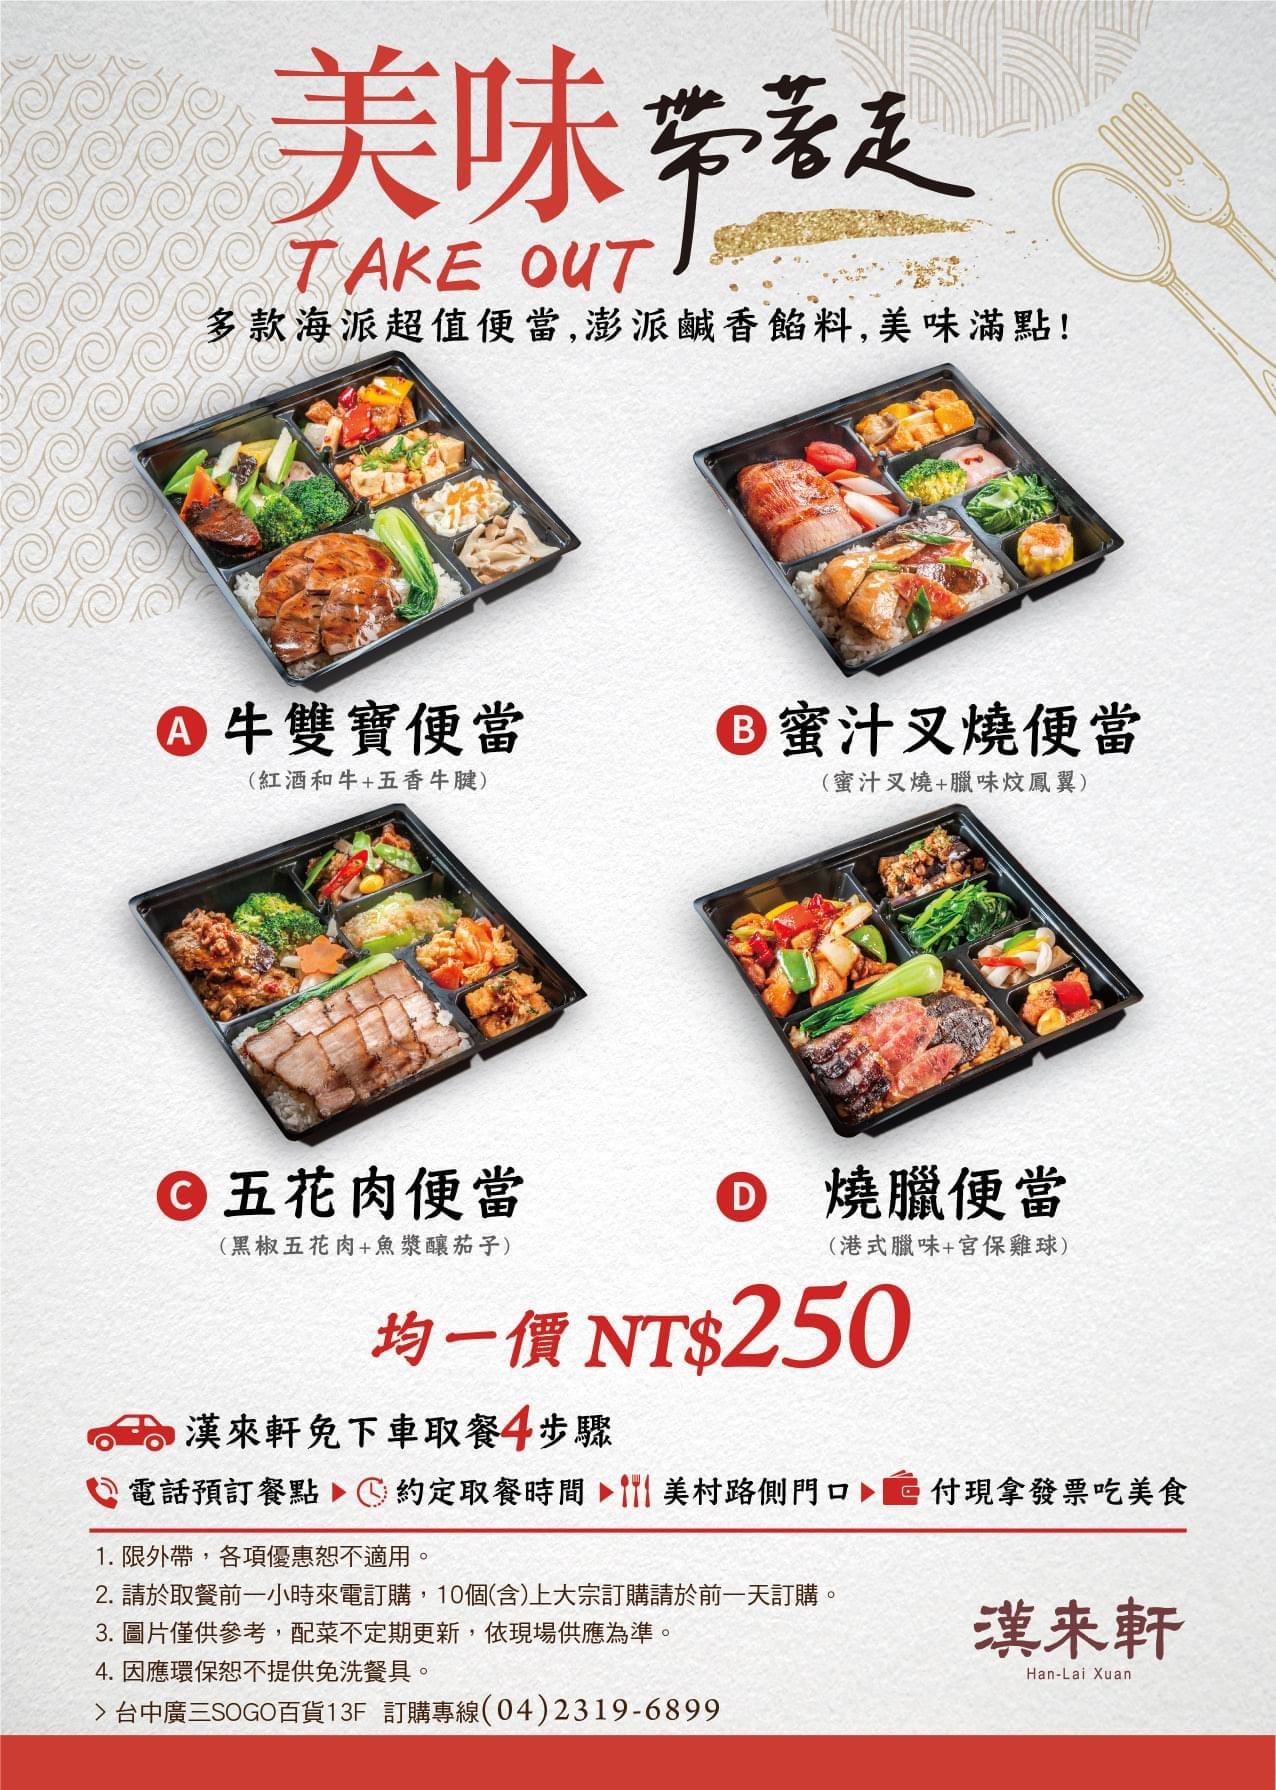 漢來軒:台中外帶便當推薦!四種口味期間限定,品嚐飯店級主廚好手藝 @飛天璇的口袋